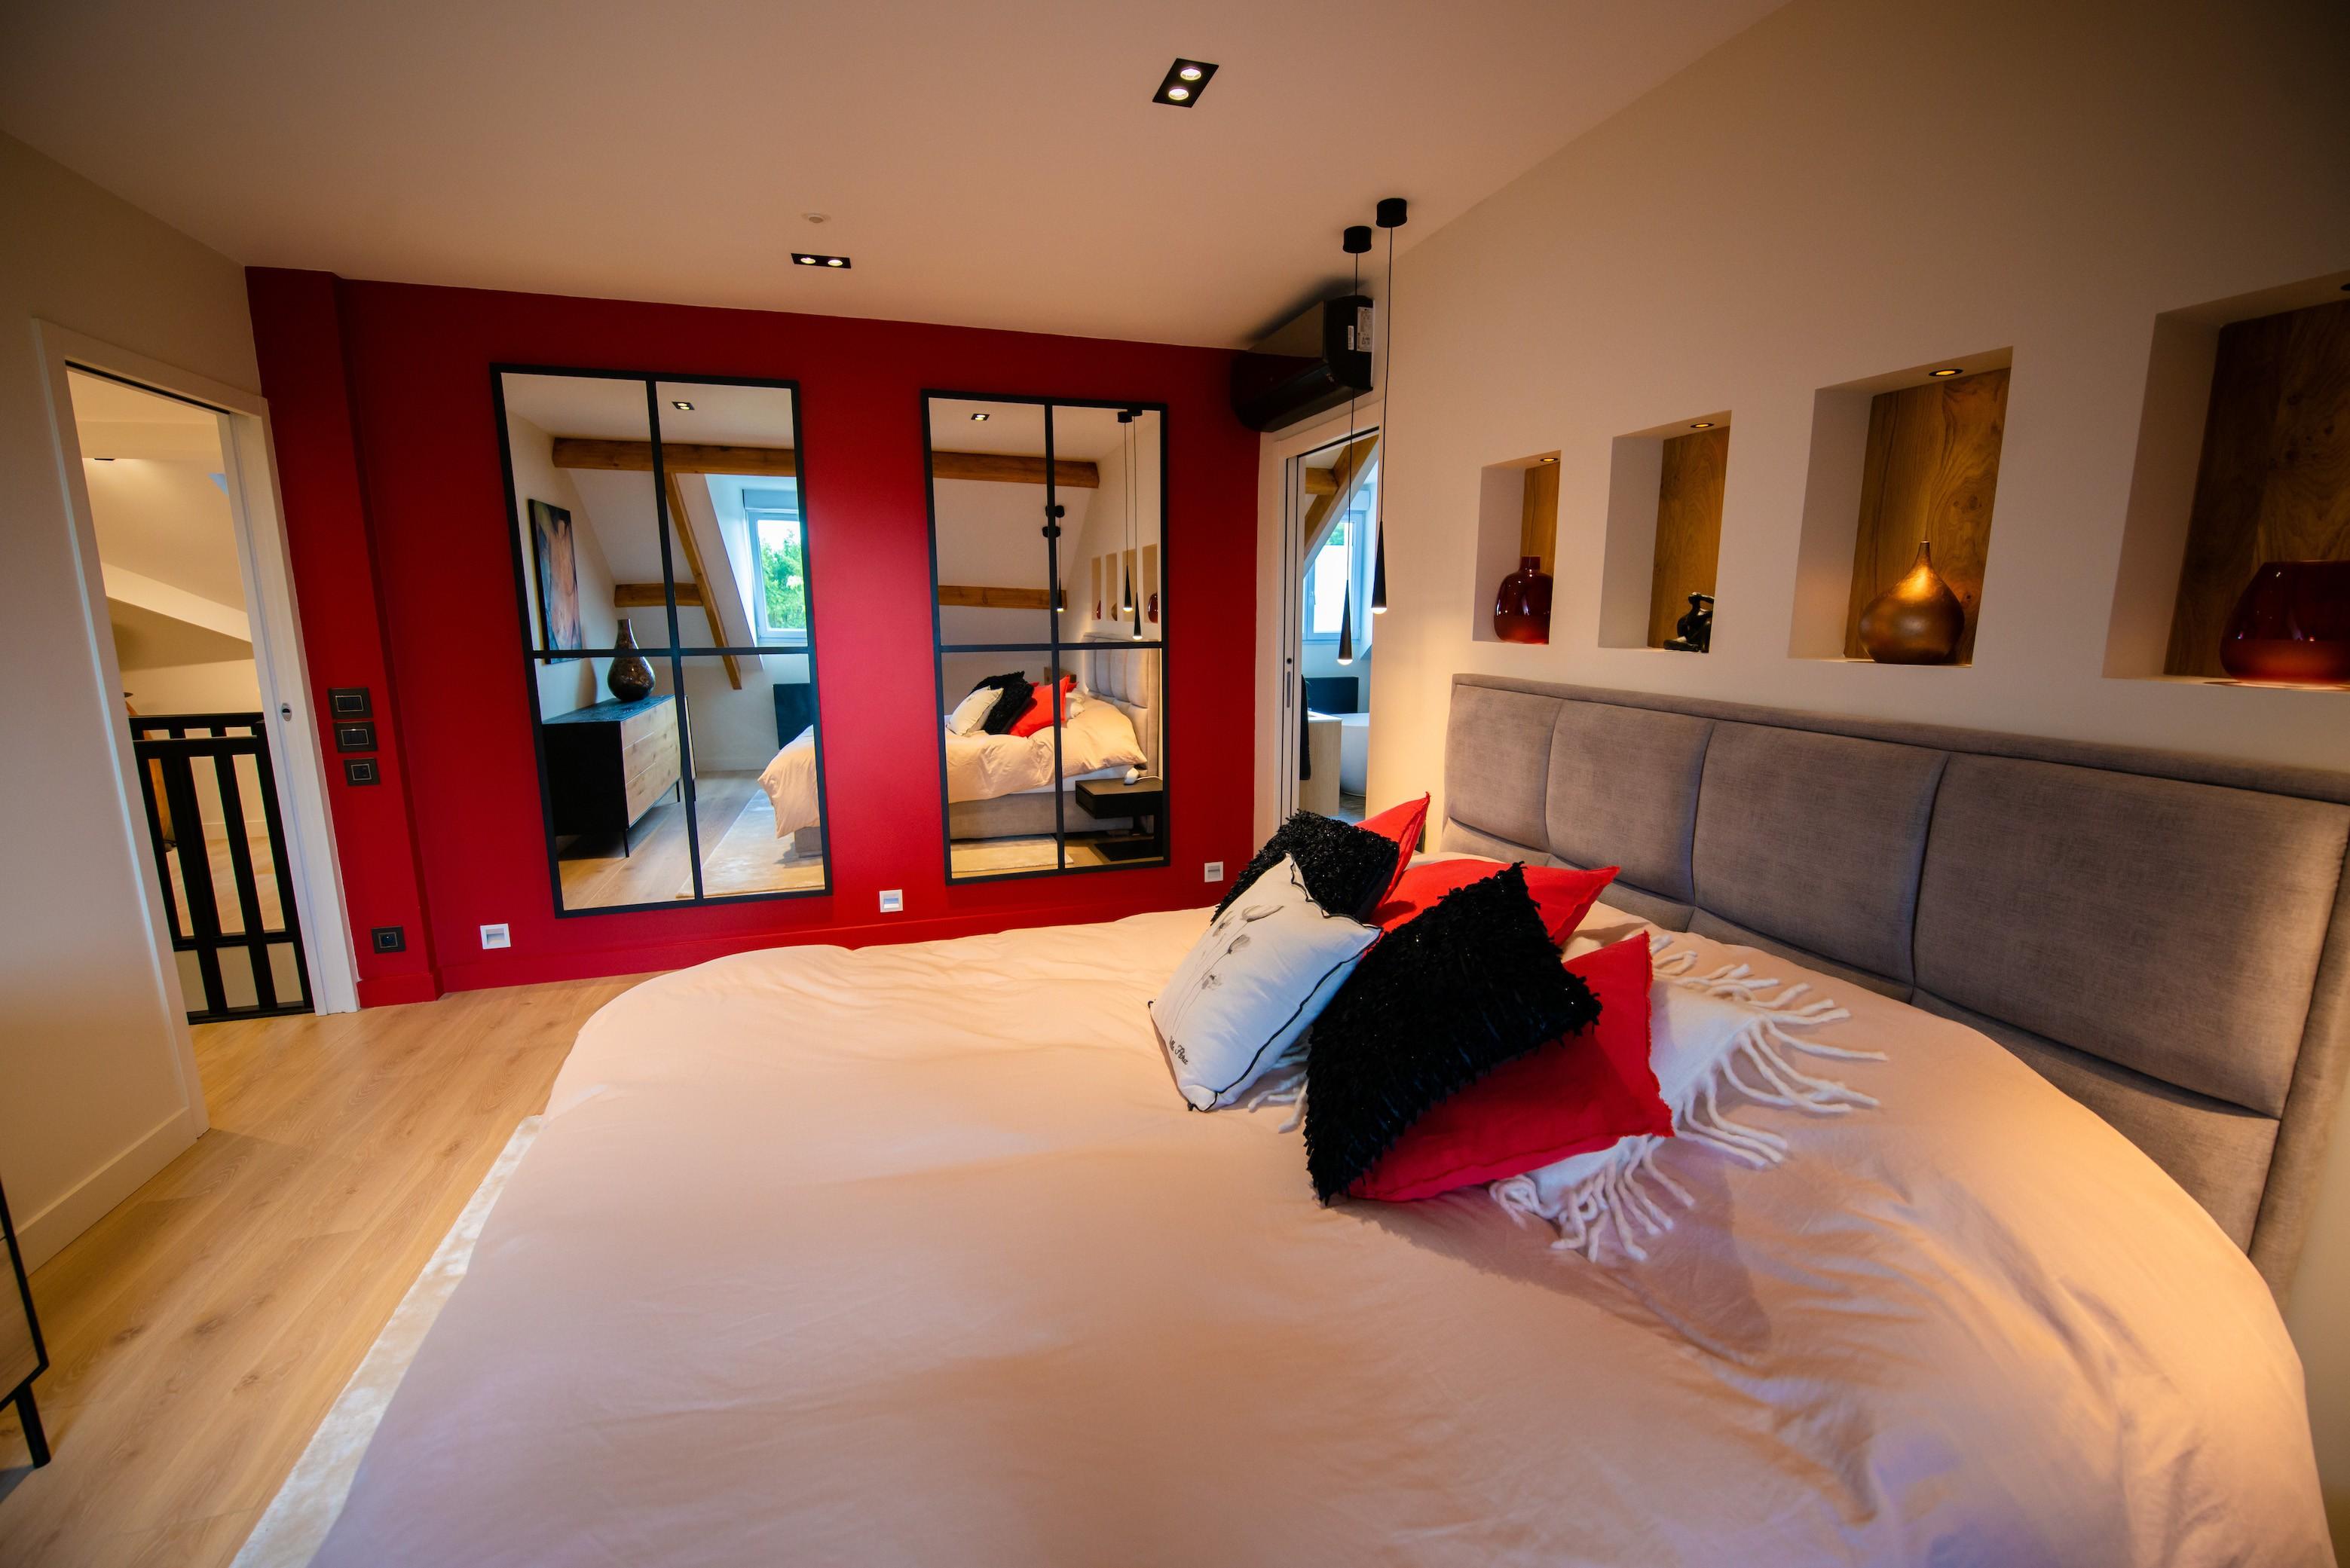 Chambre parent mur rouge miroir verriere peggy guezello